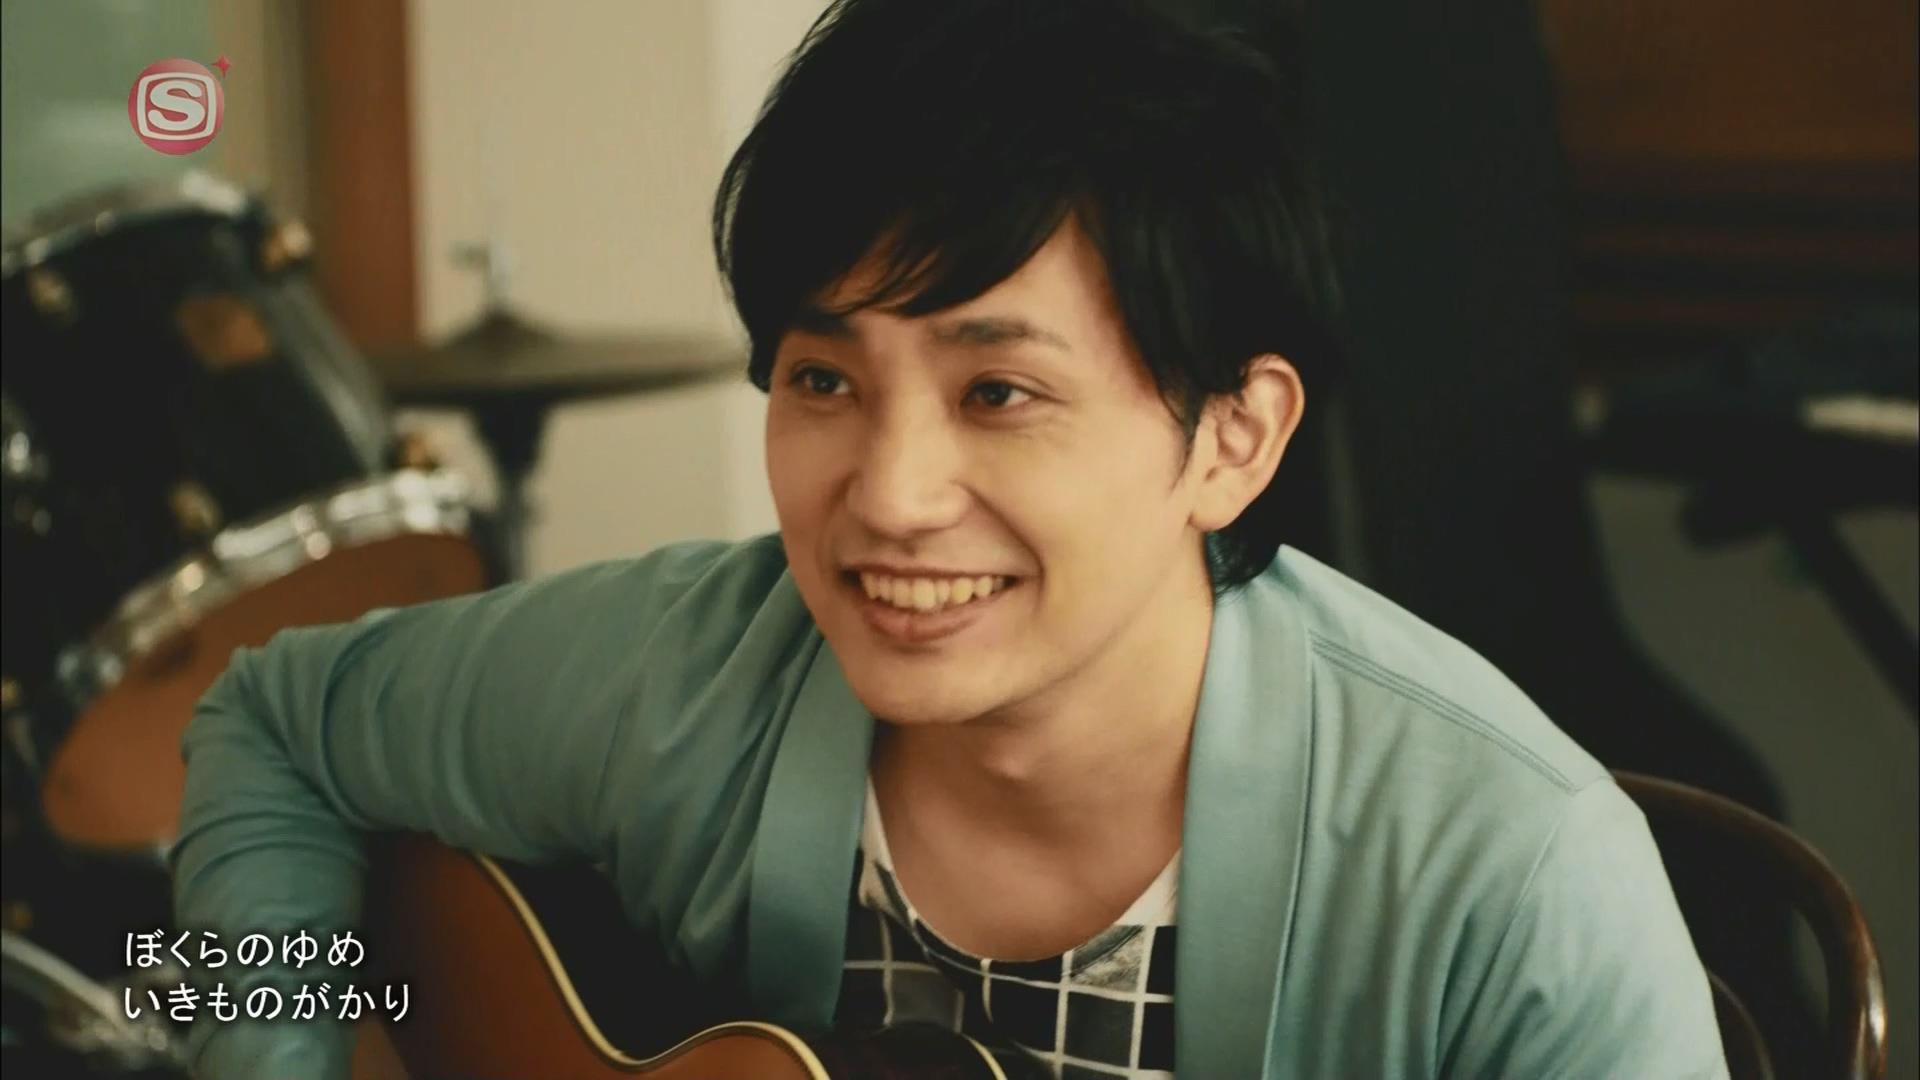 2016.03.16 いきものがかり - ぼくらのゆめ(SSTVPlus).ts_20160316_231443.376